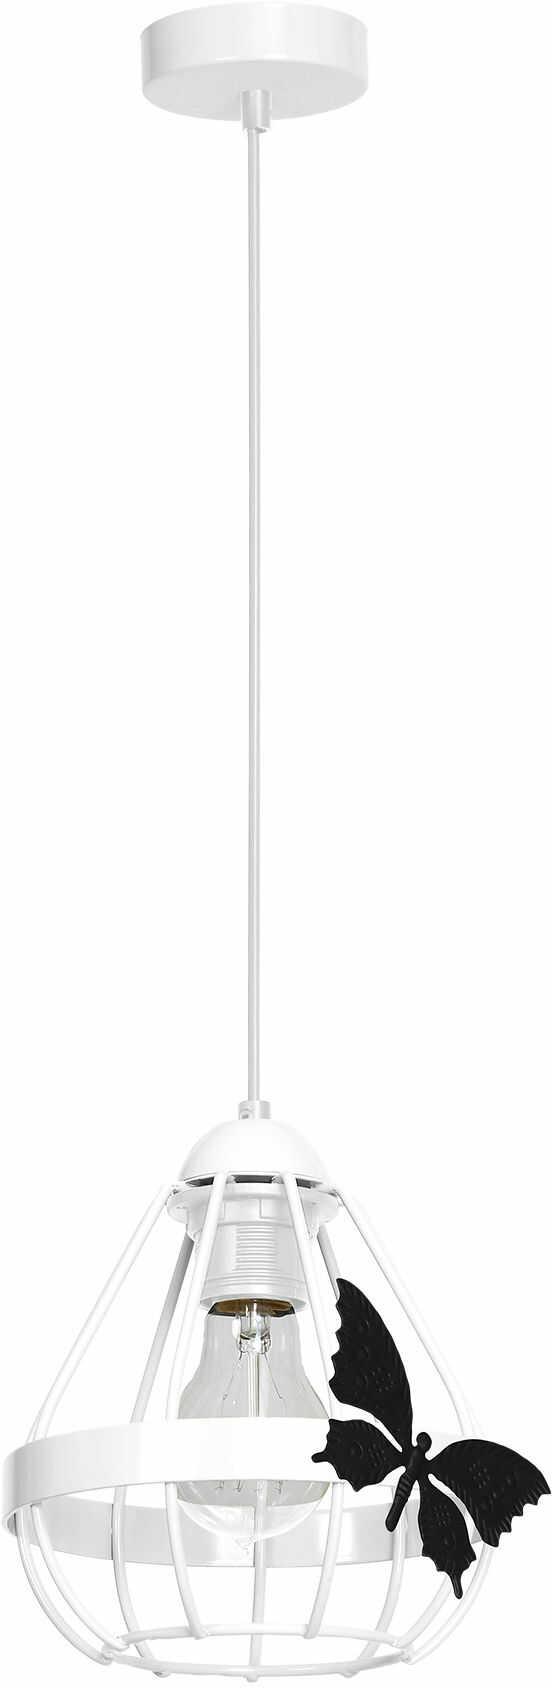 Milagro KAGO WHITE MLP4922 lampa wisząca biało-czarna metalowy koszyk motyl 1xE27 17cm